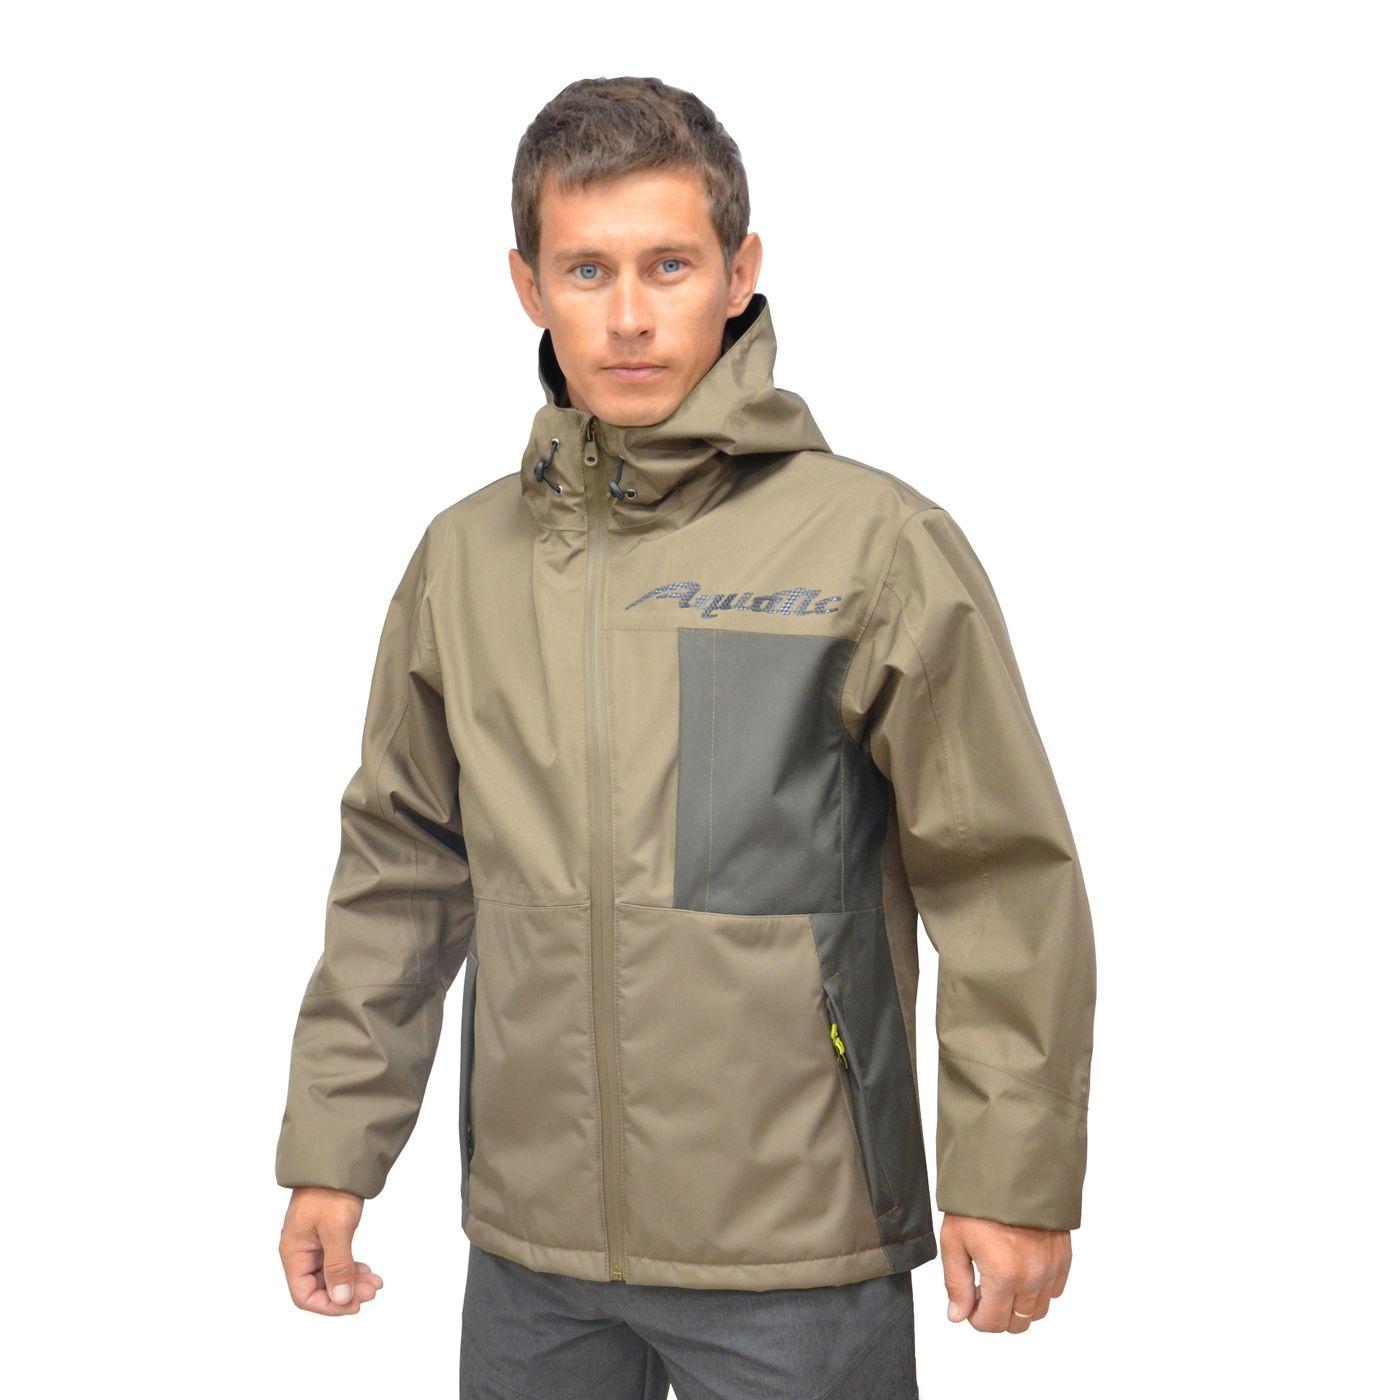 Jacket From The Rain Membrane Aquatic кд-02ф, Beige кд-02ф 54-56